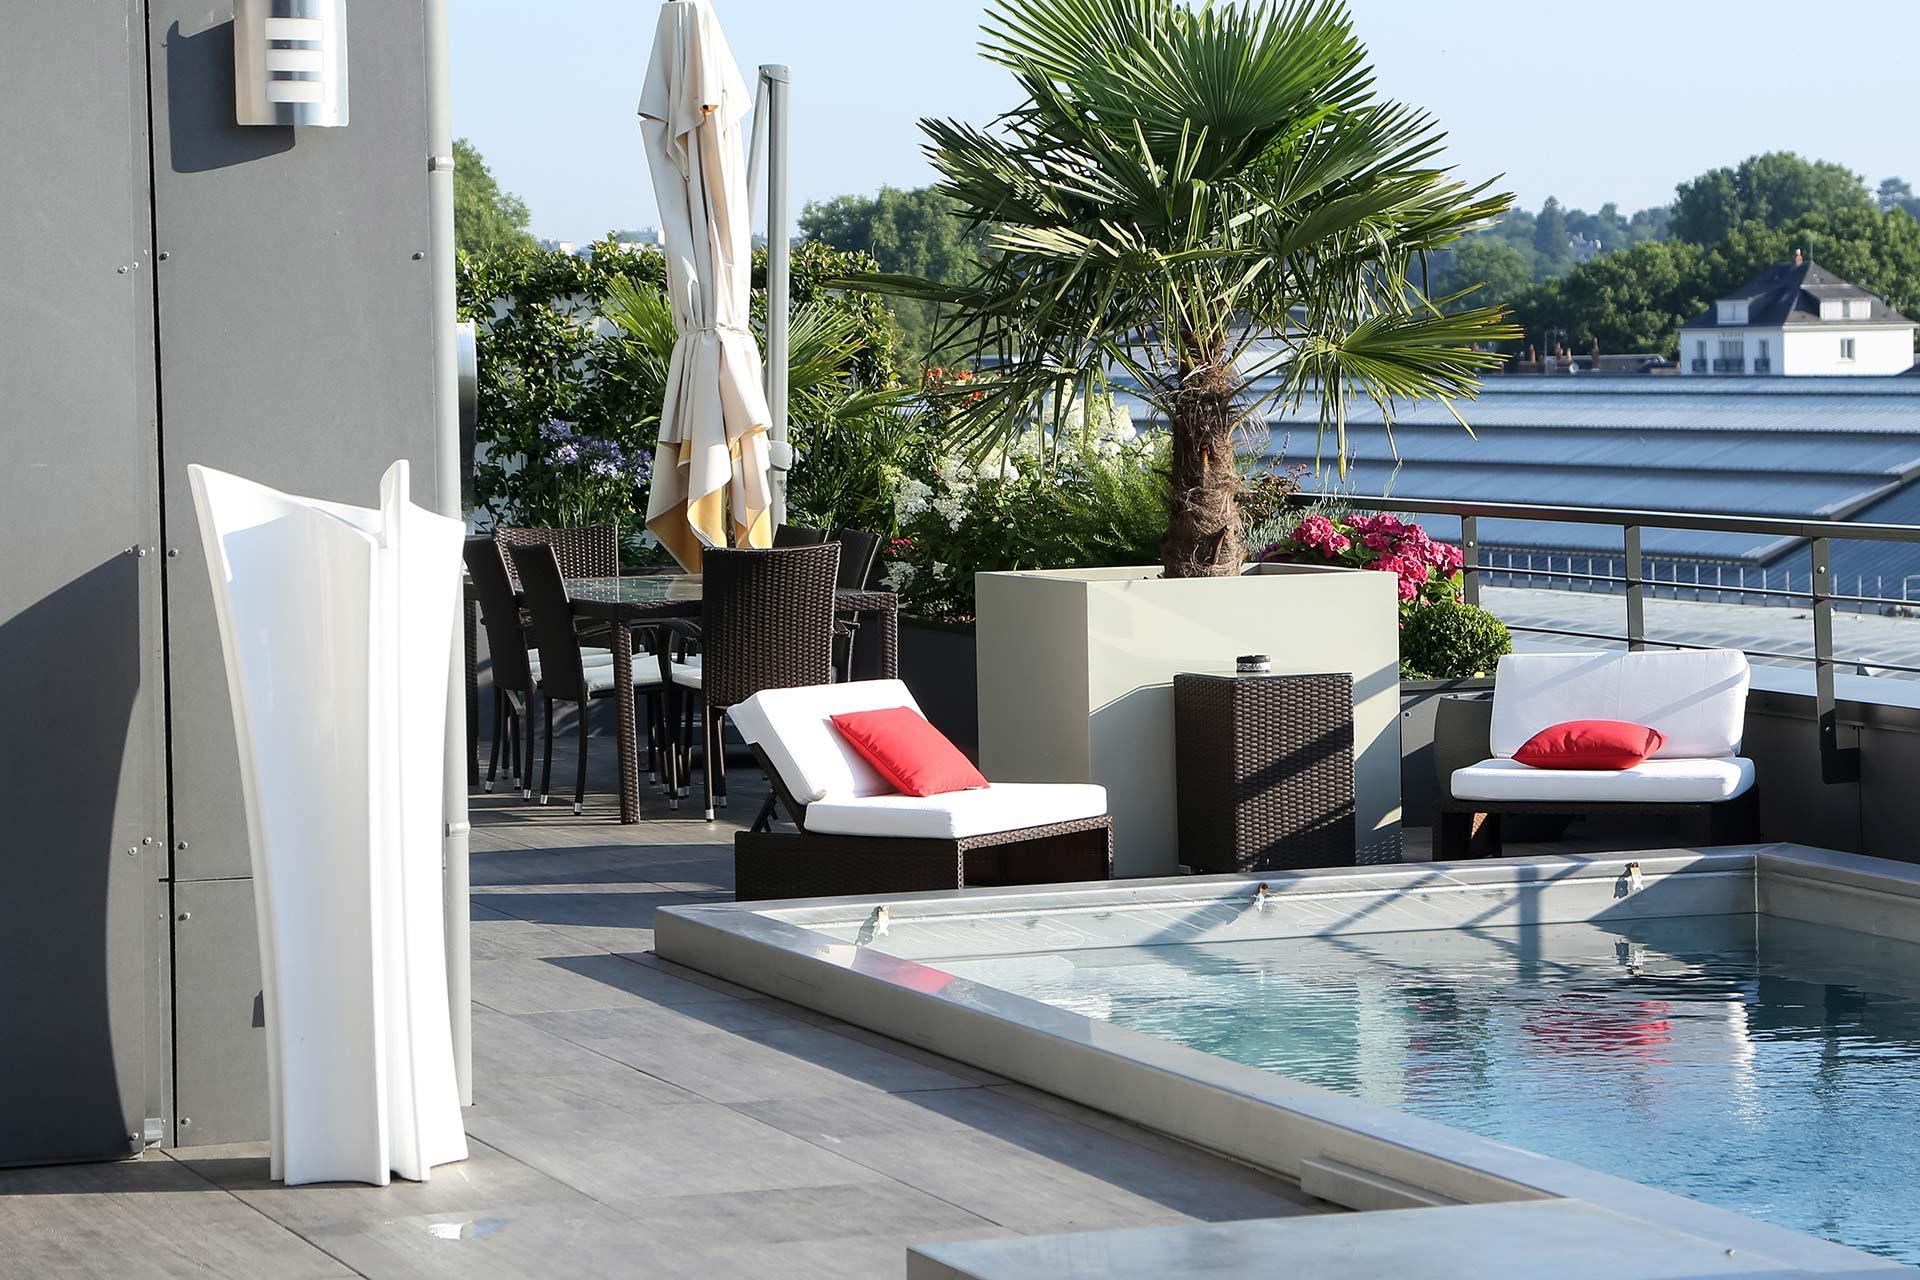 Entreprise du paysage, Serrault Jardins réalise des abords de piscine en imitation bois.